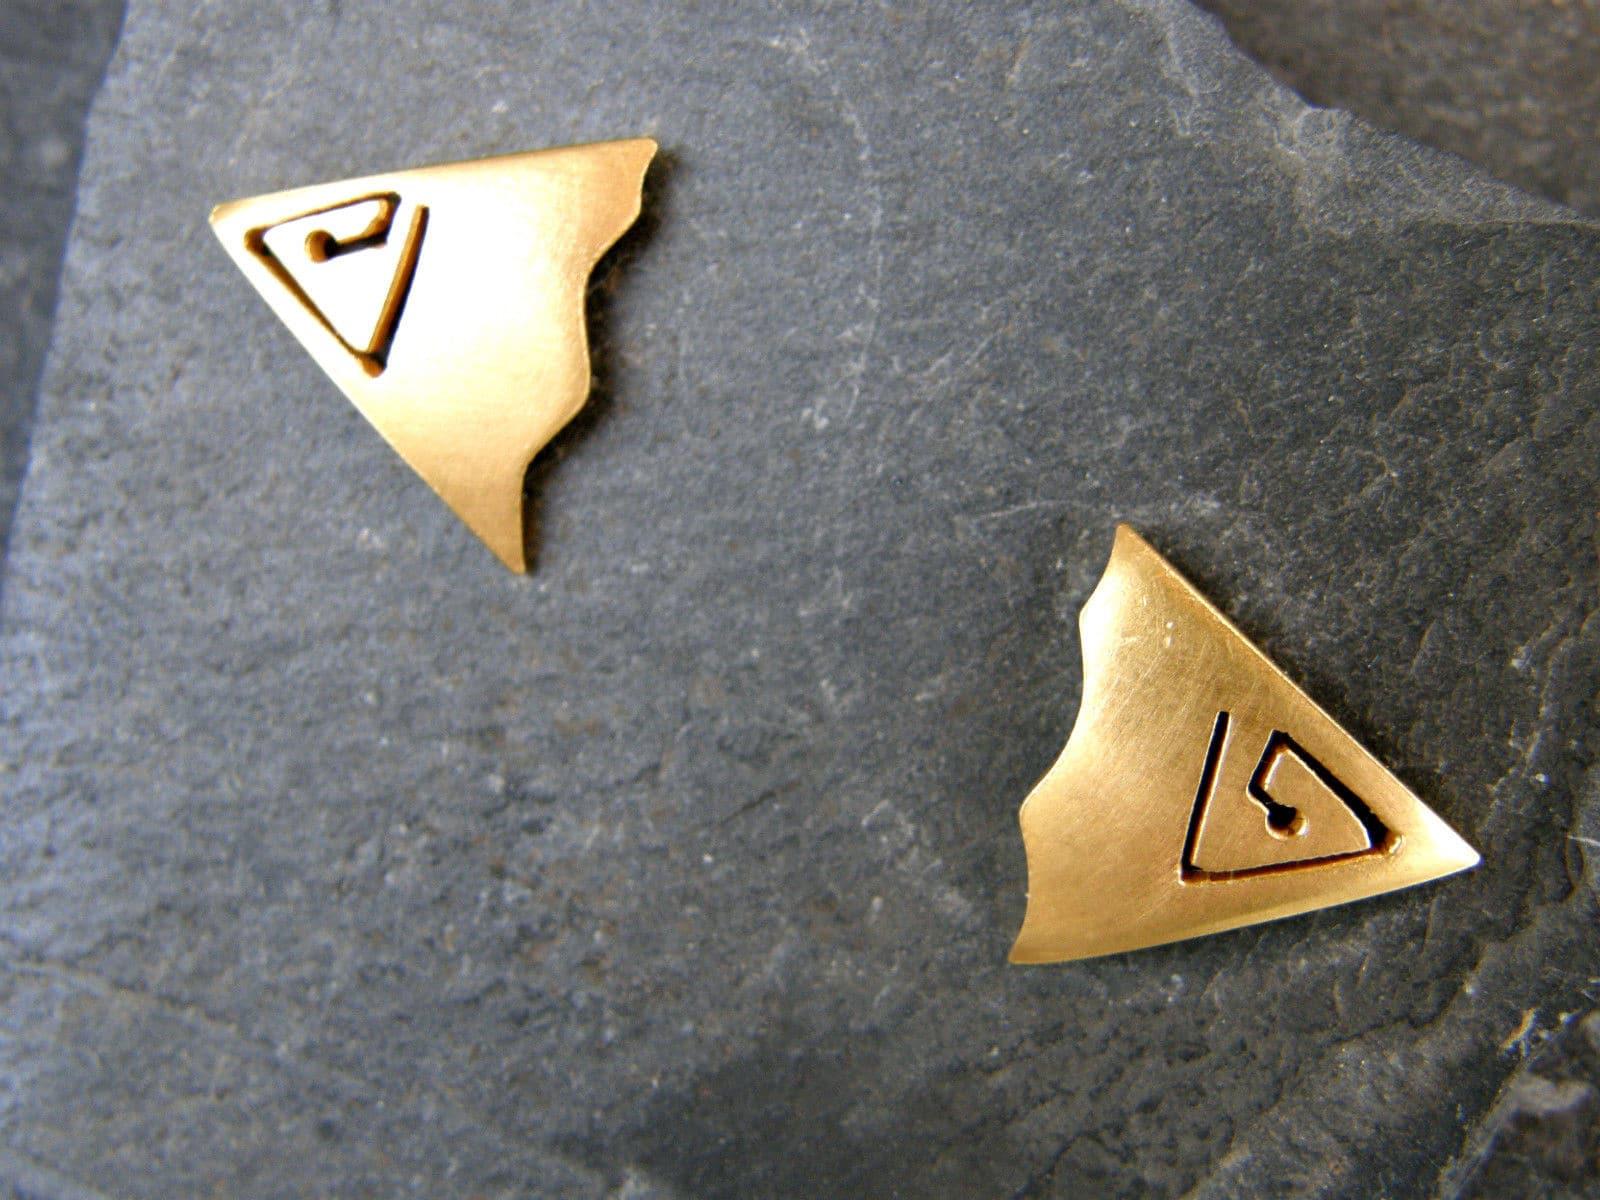 Ohrstecker Silber 925 vergoldet Dreieck gesägte Spirale Fläche matt